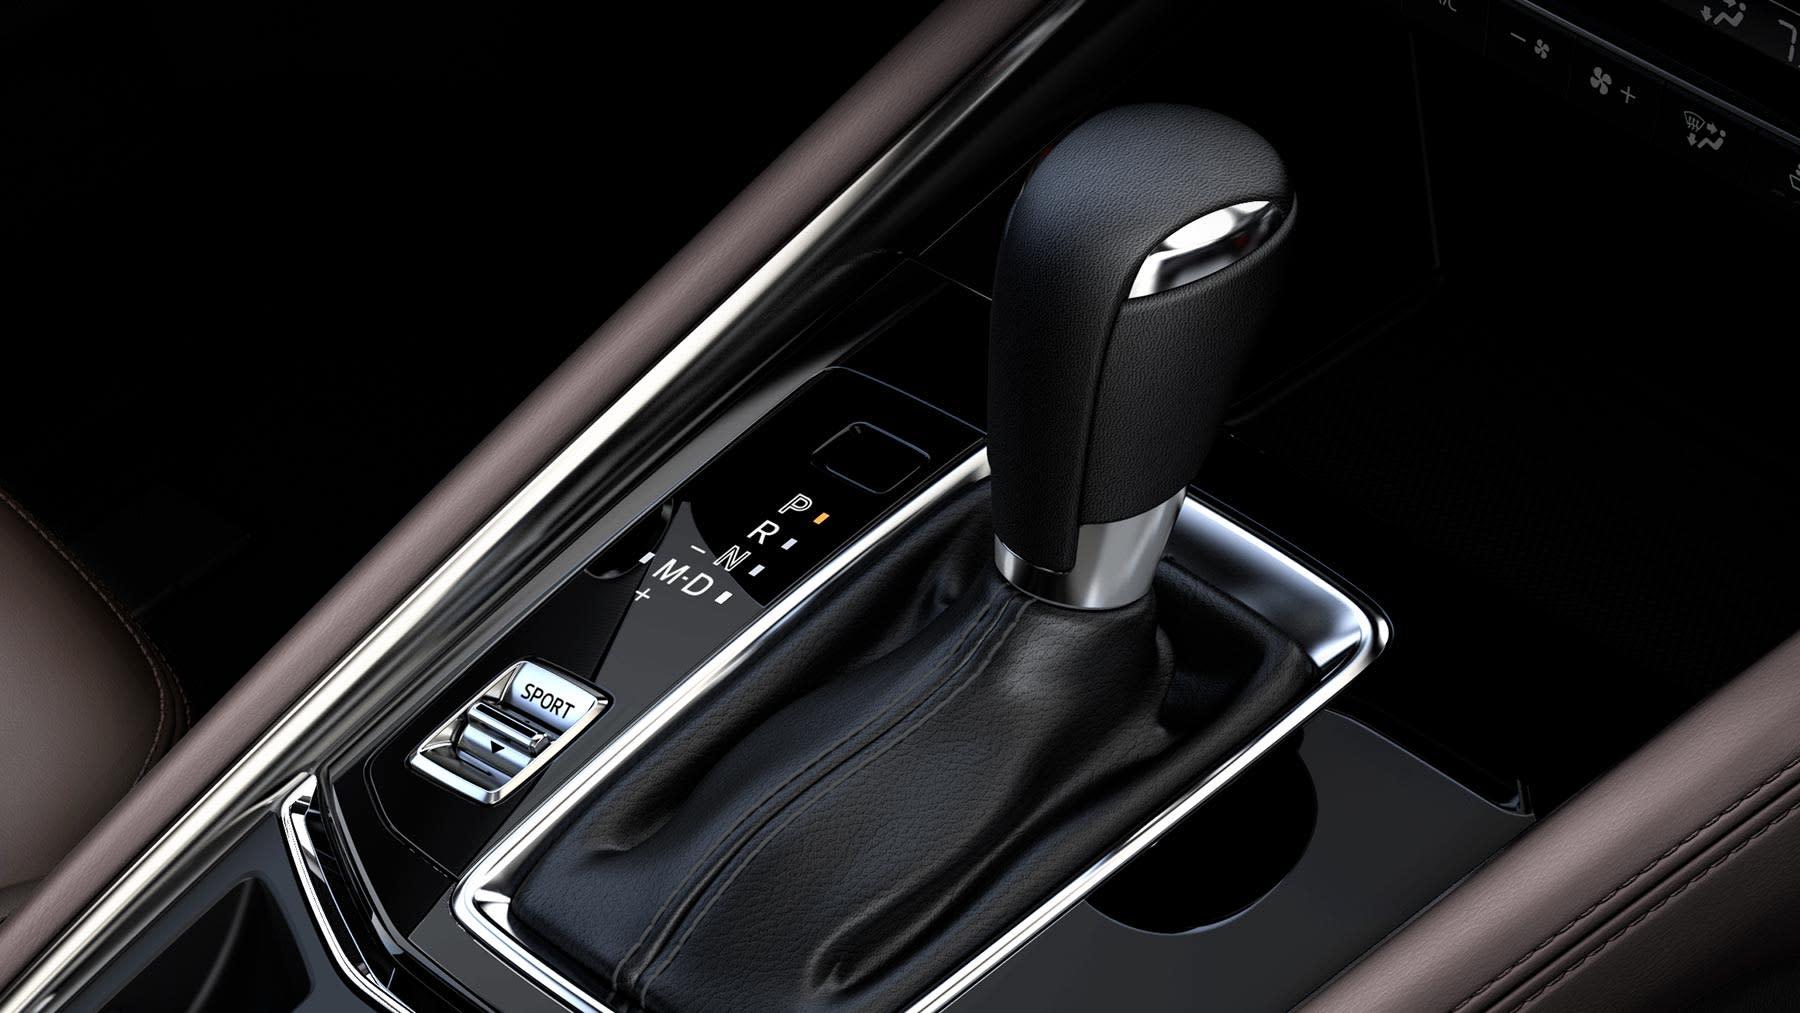 2019 Mazda CX-5's Signature Gear Stick